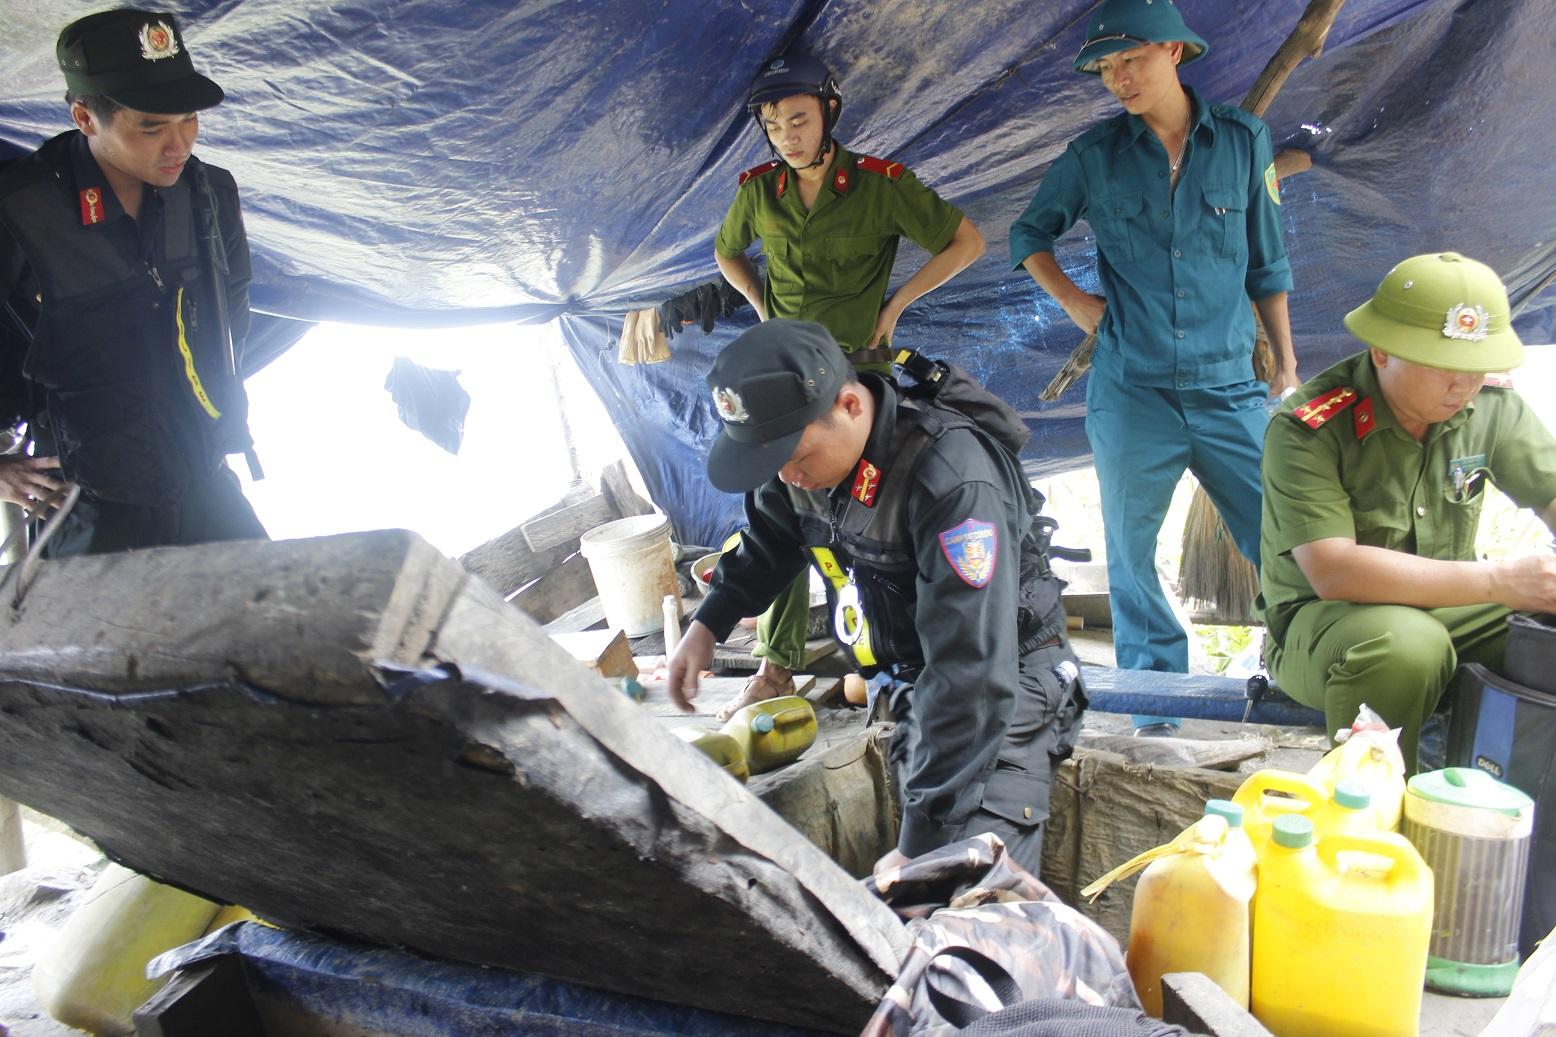 Công an huyện Phú Ninh trong một lần truy quét tại bãi vàng Bồng Miêu trong năm 2017.Ảnh:THANH THẮNG